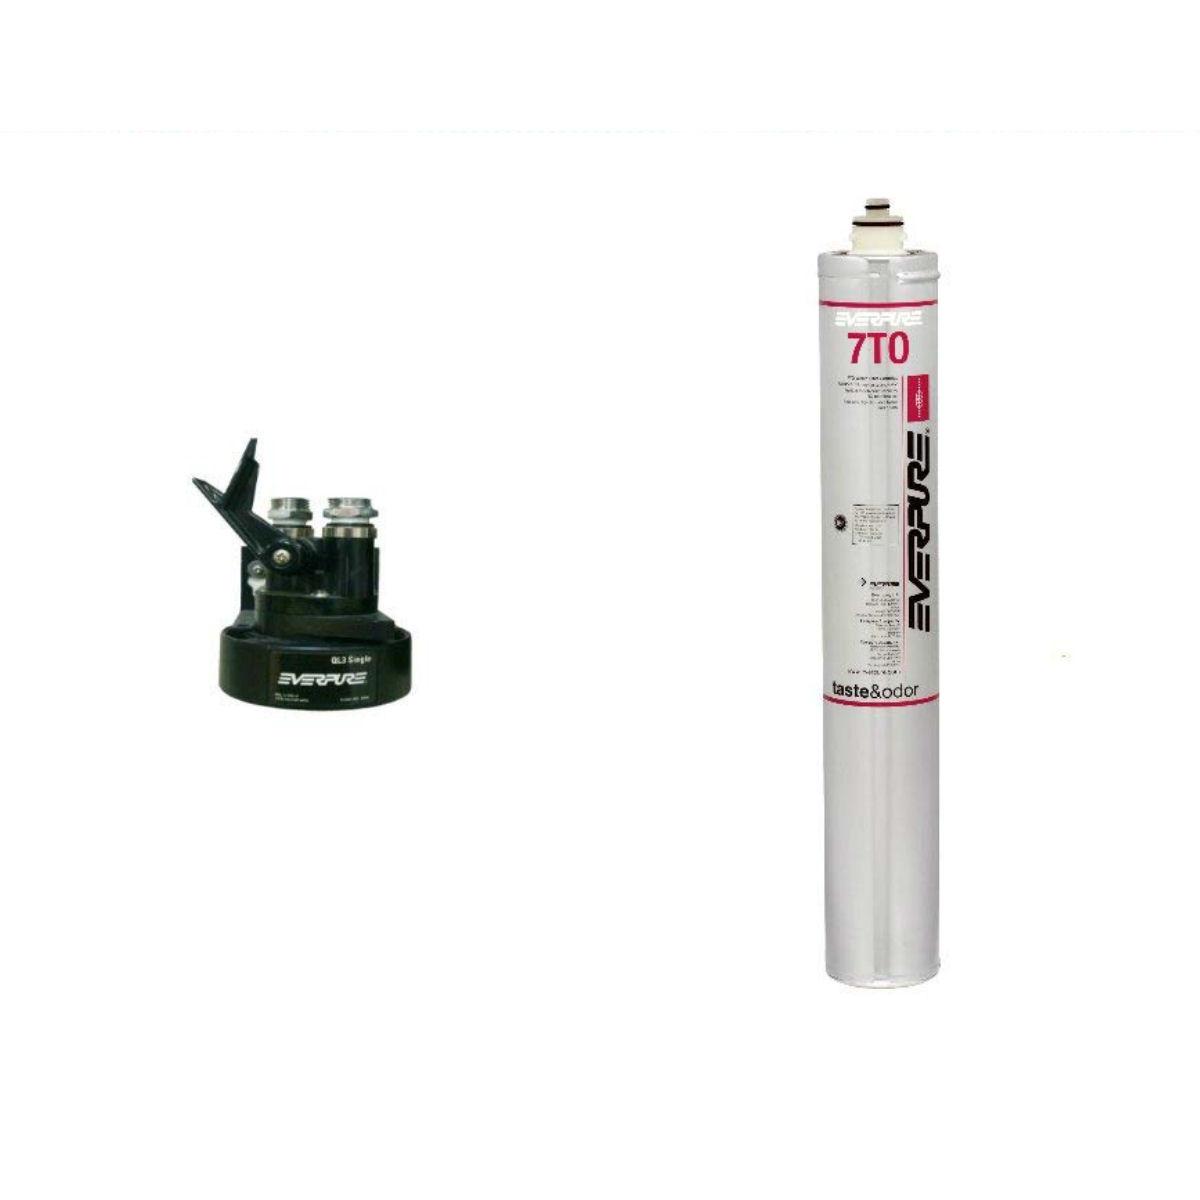 新規設置仕様 エバーピュア浄水器ヘッドフィルタセット品 QL3-7TO